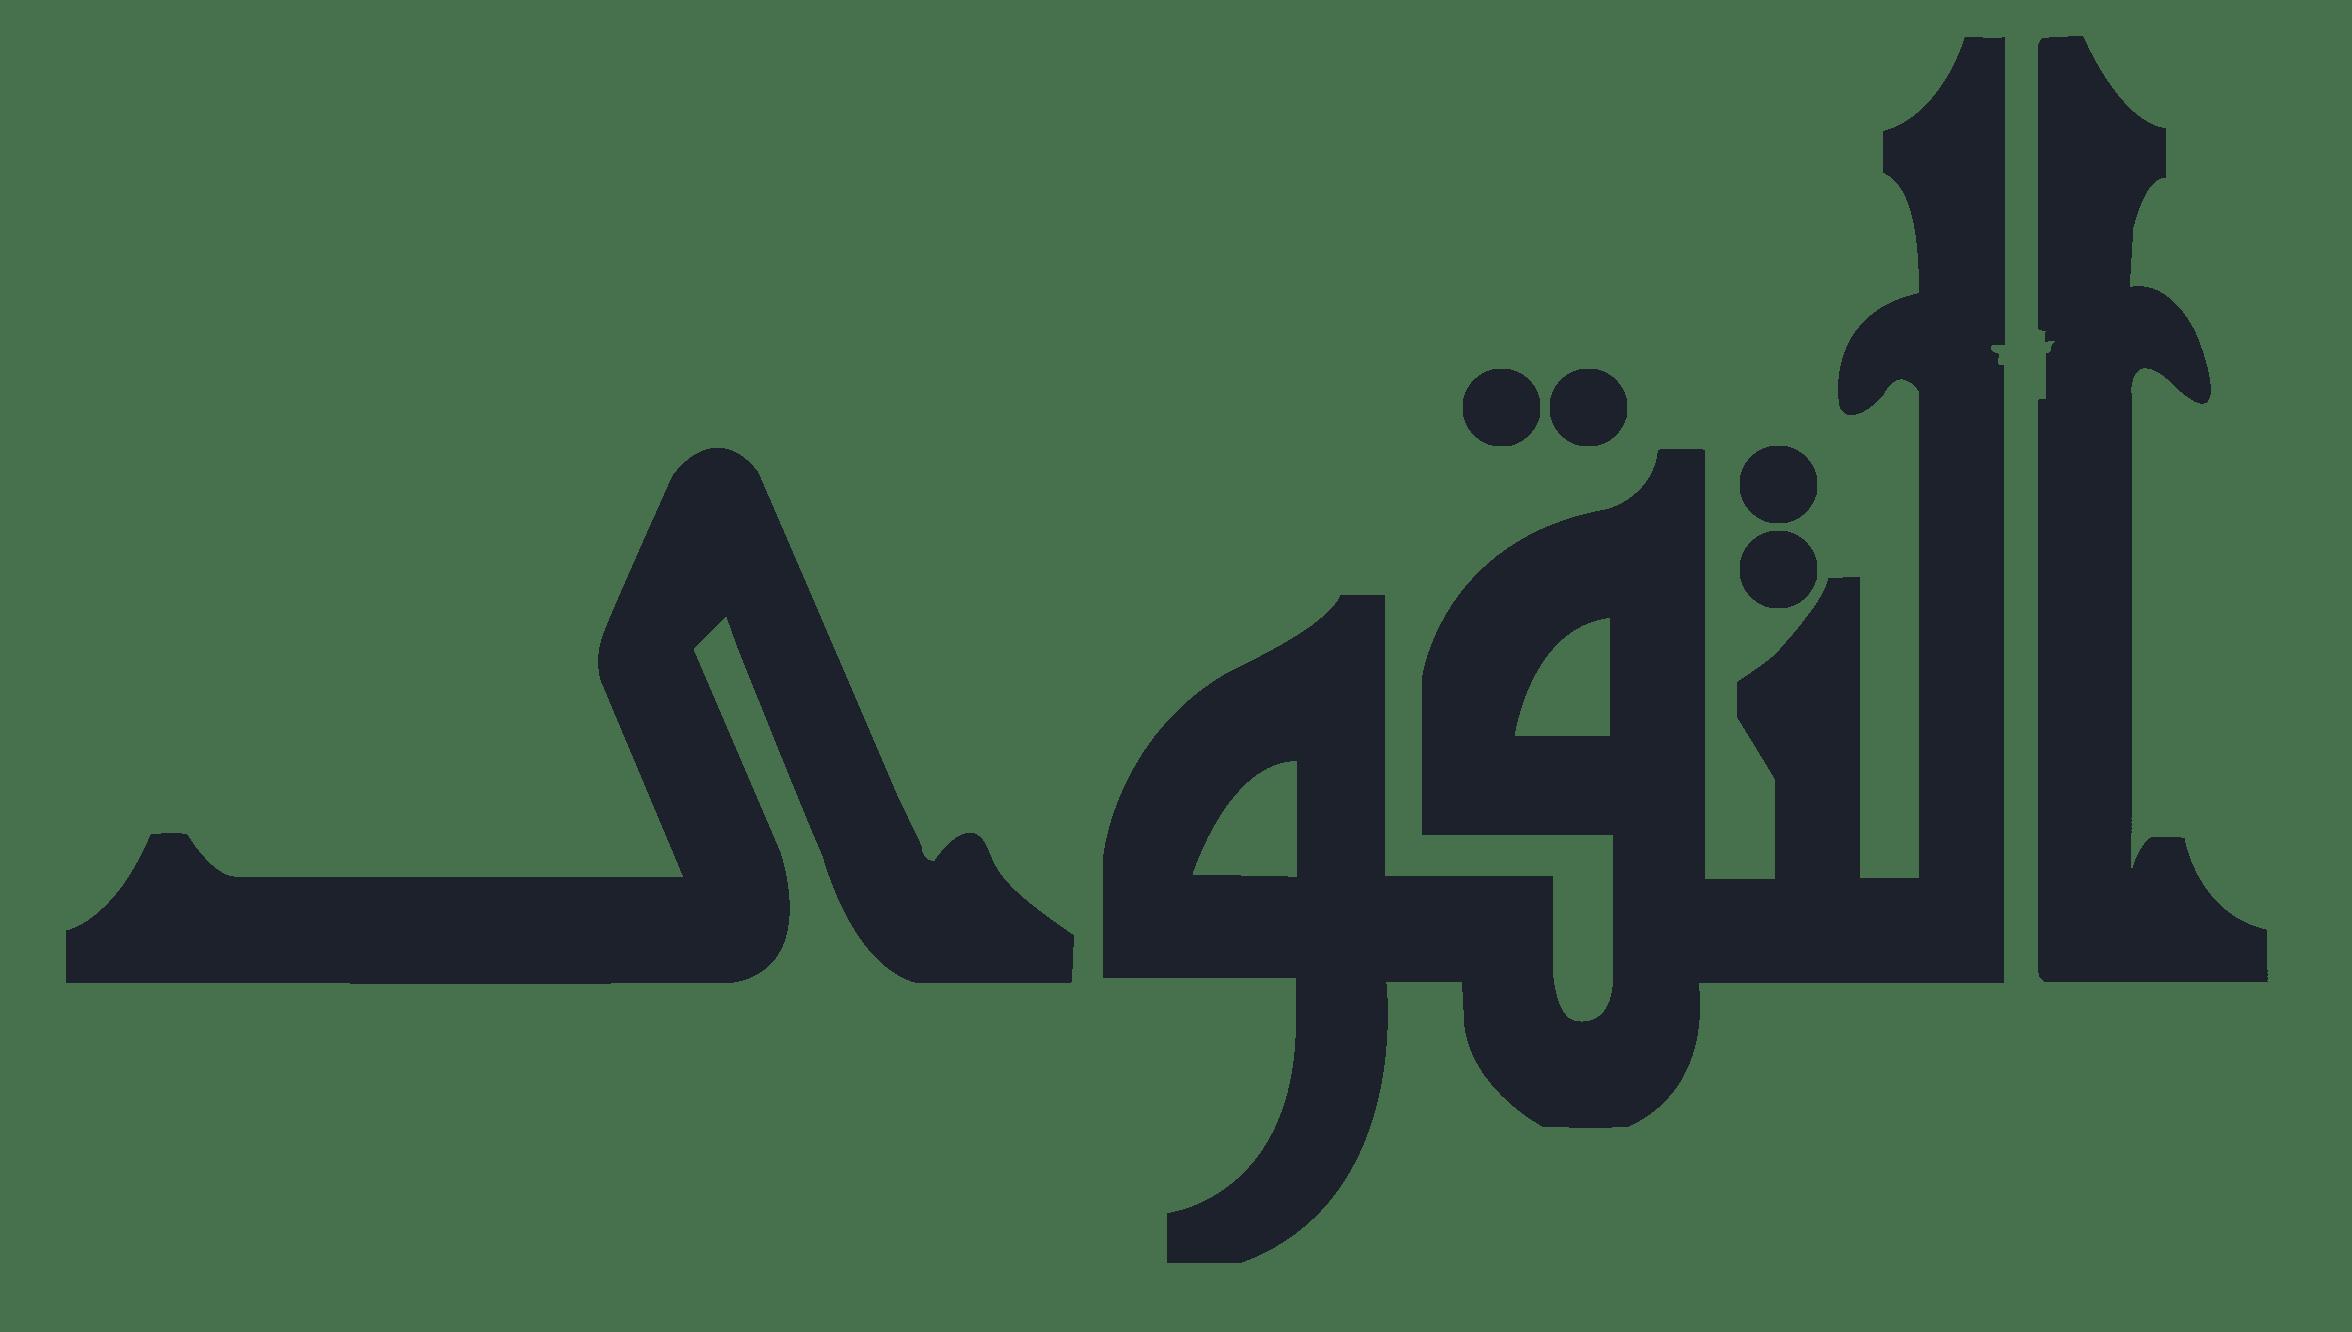 Al Taqwa